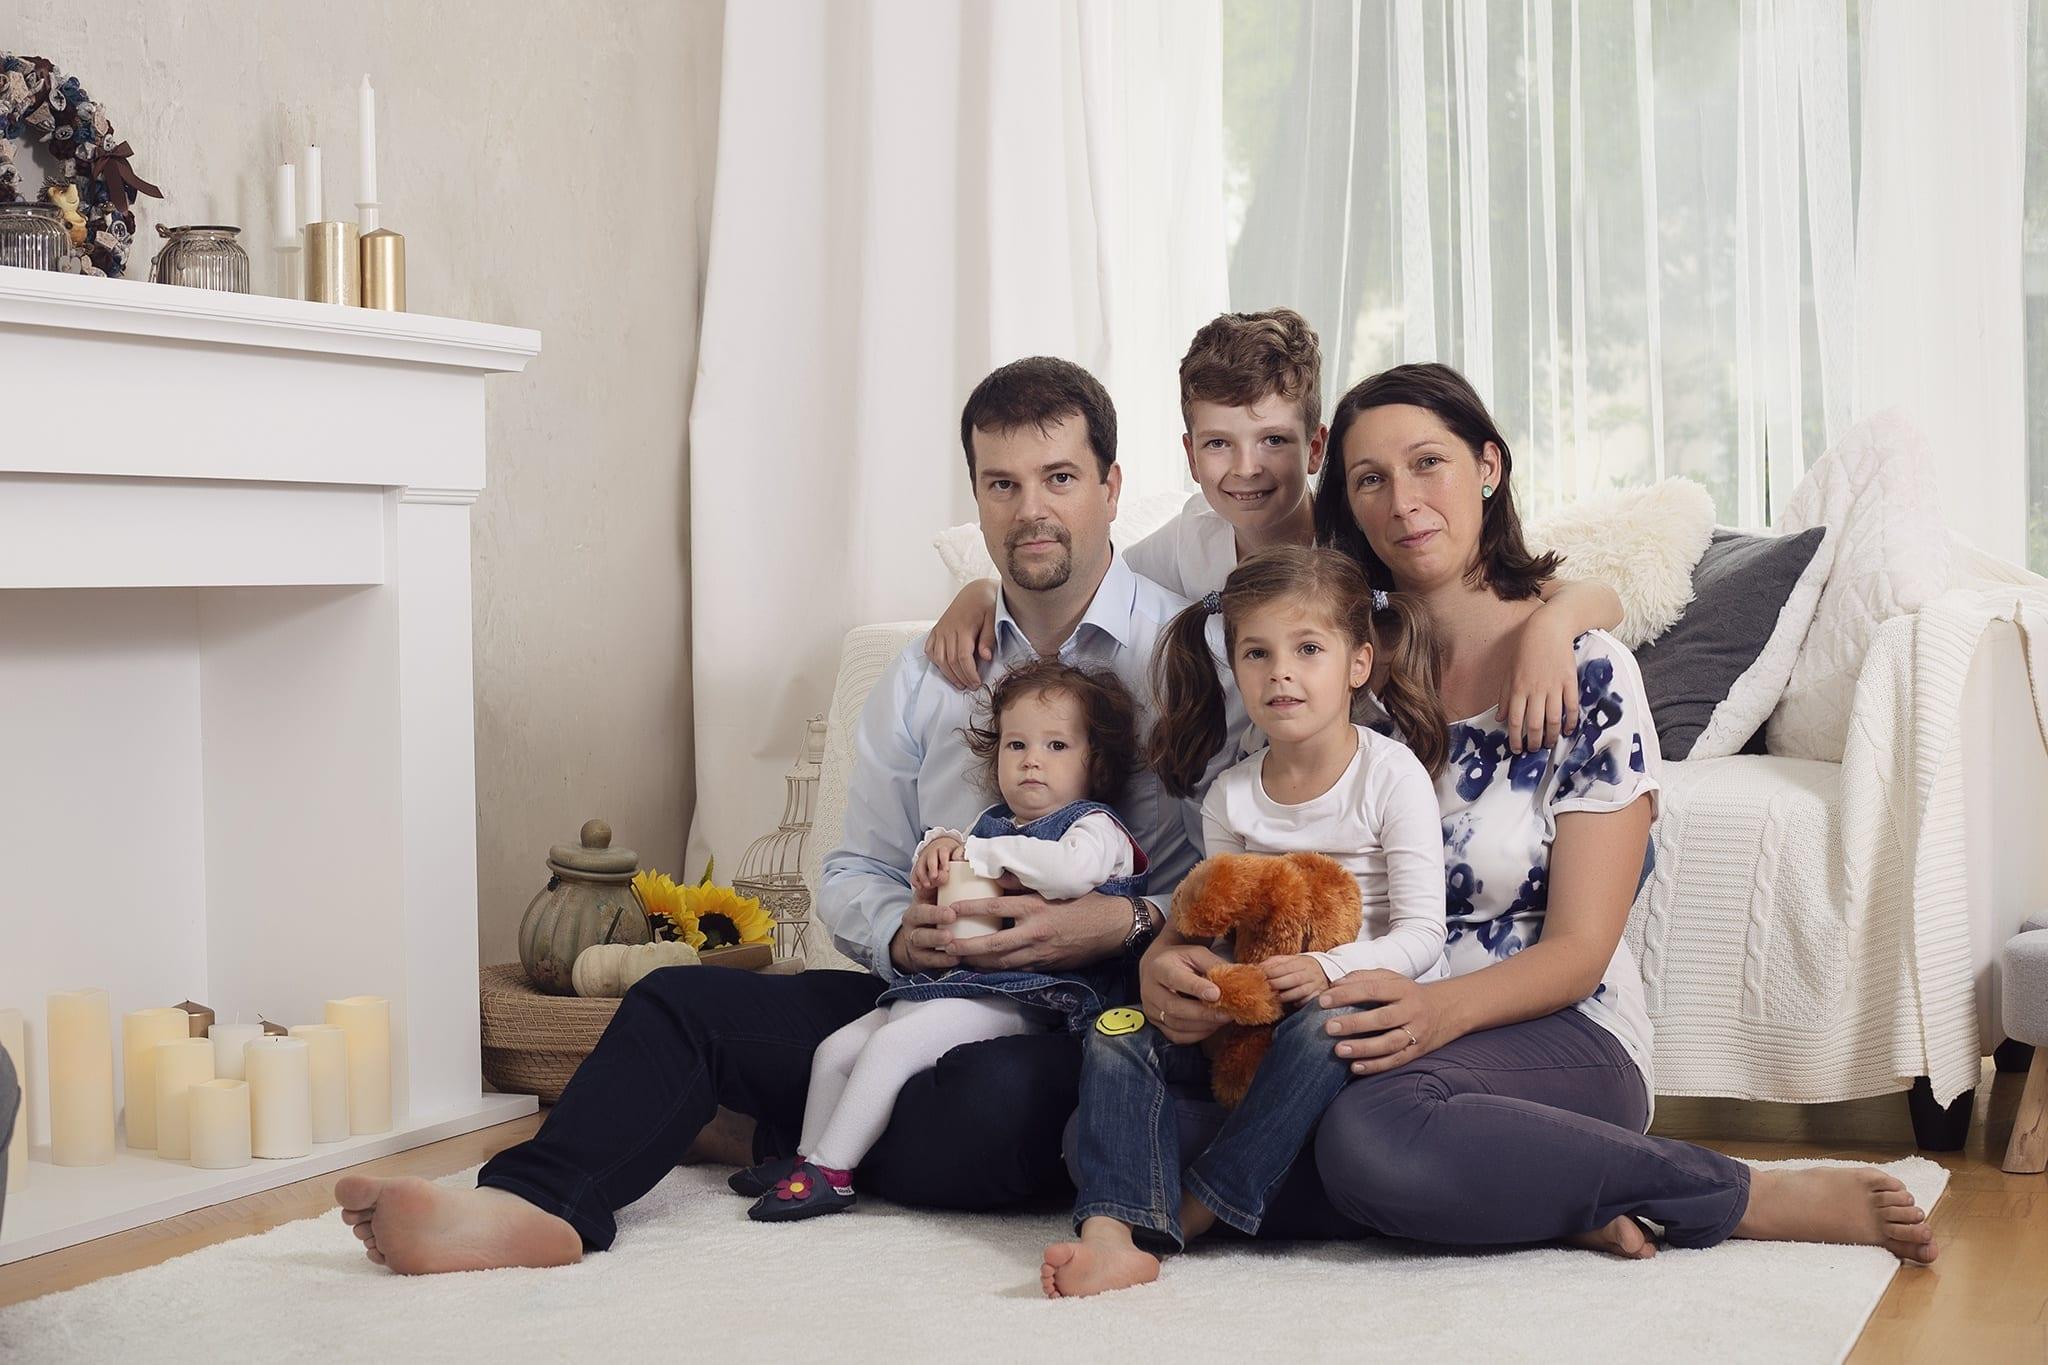 Egy boldog család, családi képek készültek